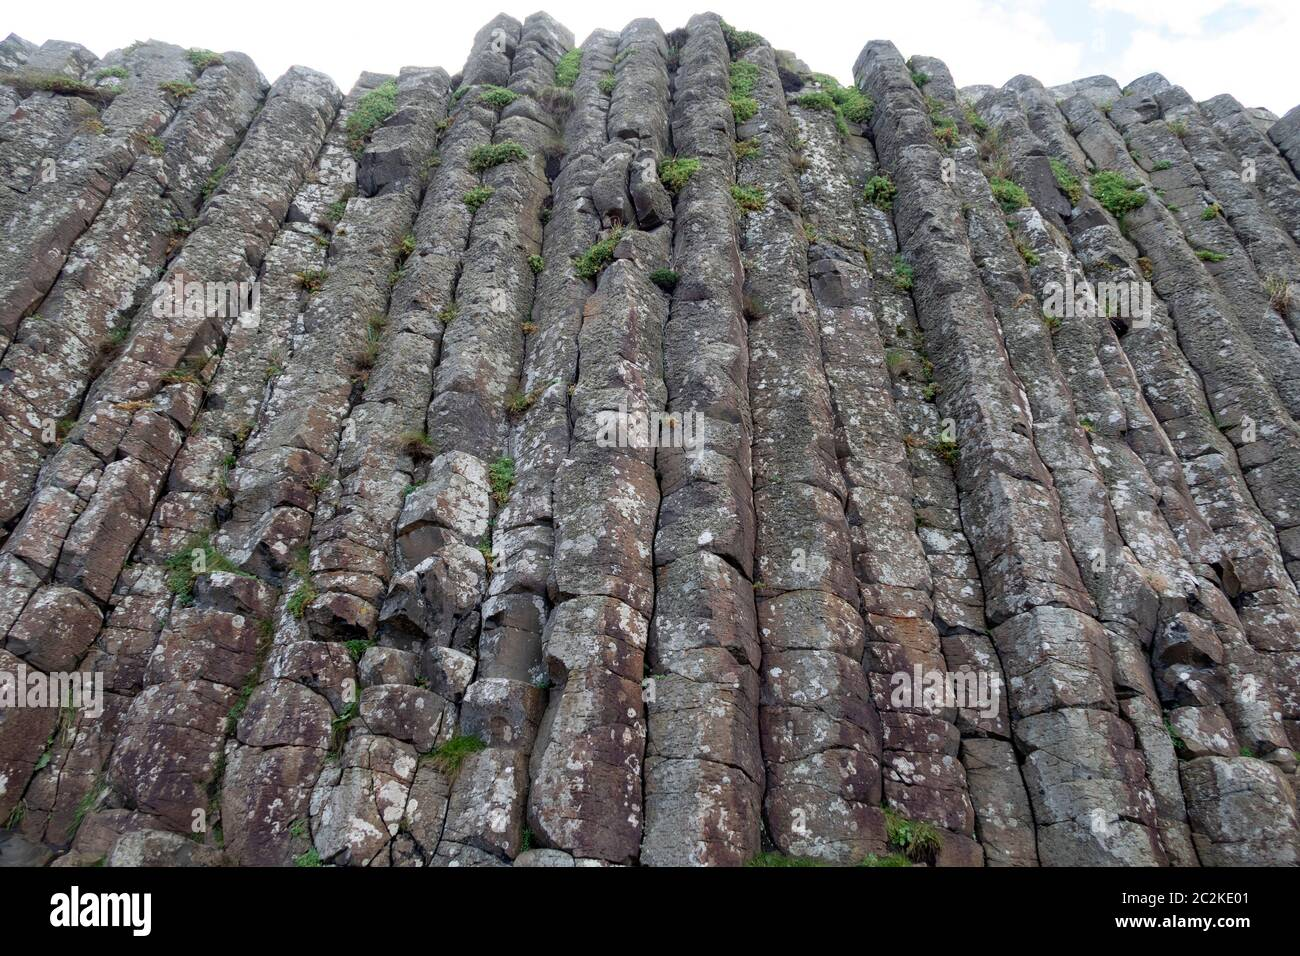 Colonnes géométriques de basalte formations rocheuses à Giant's Causeway, Irlande du Nord, Europe Banque D'Images